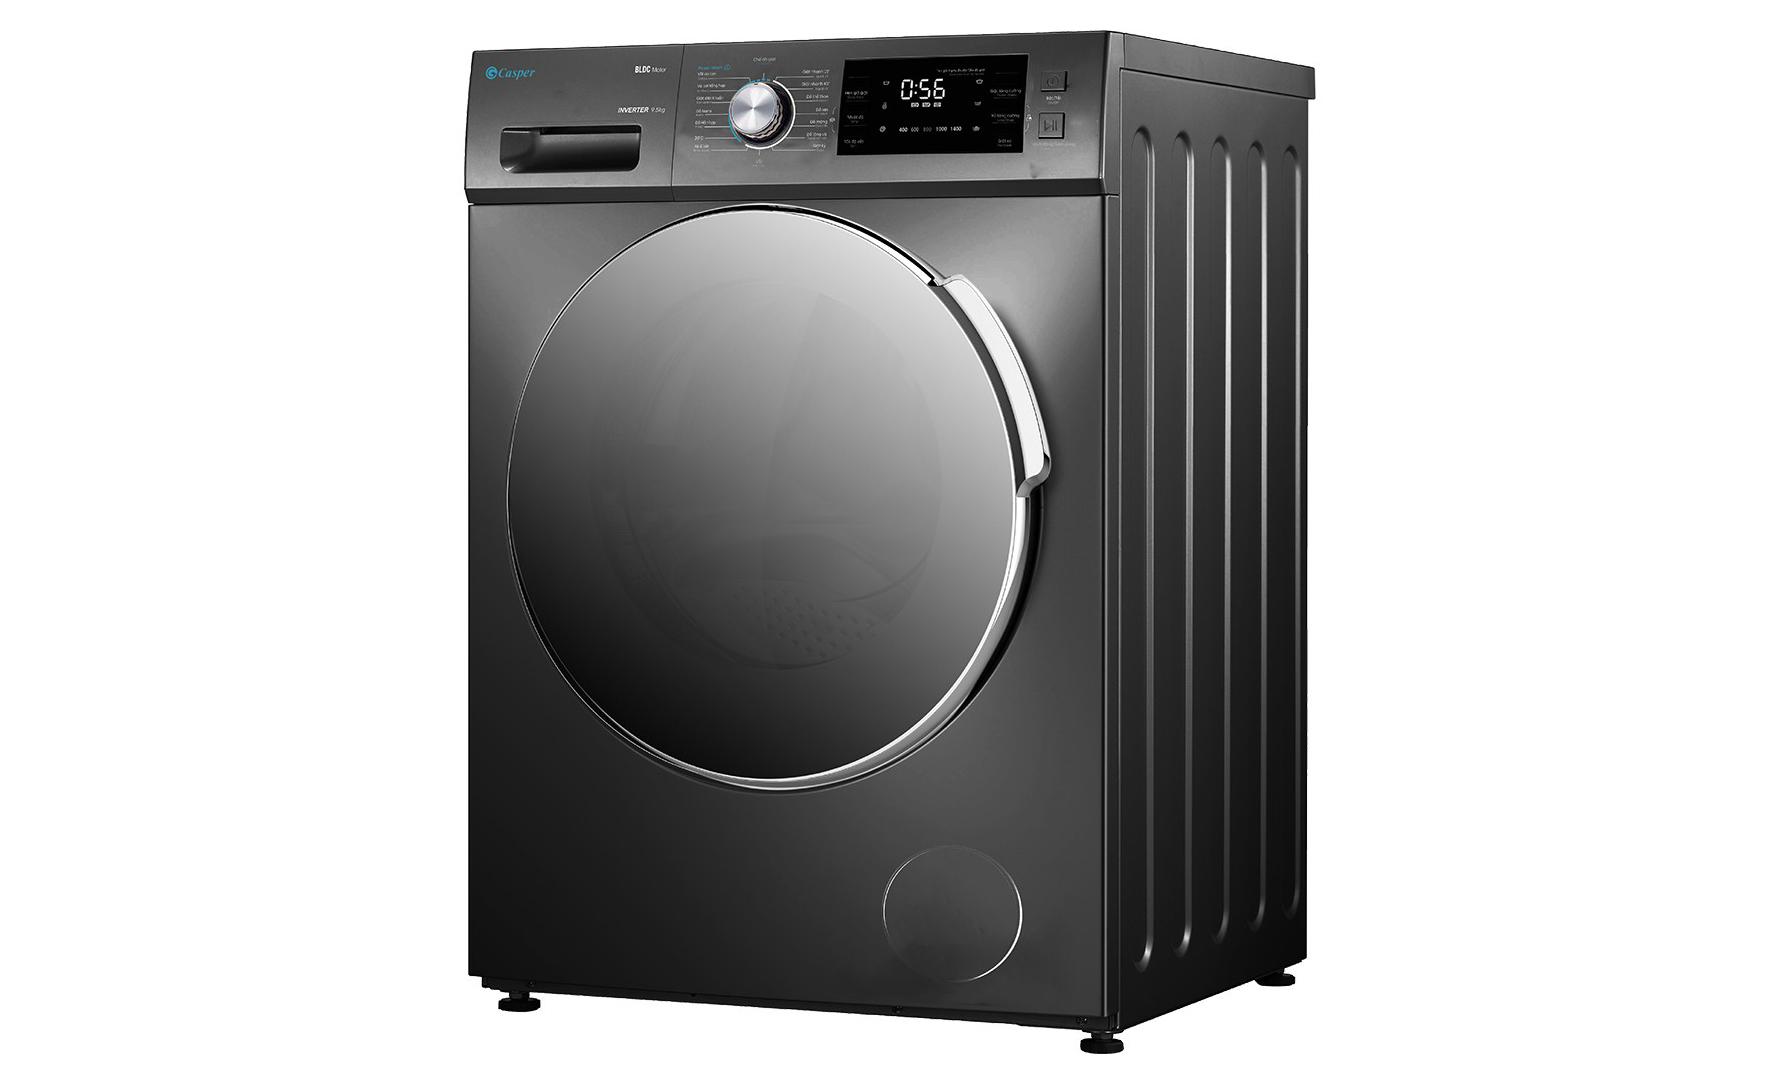 Bình chọn máy giặt cửa ngang được yêu thích nhất - 1